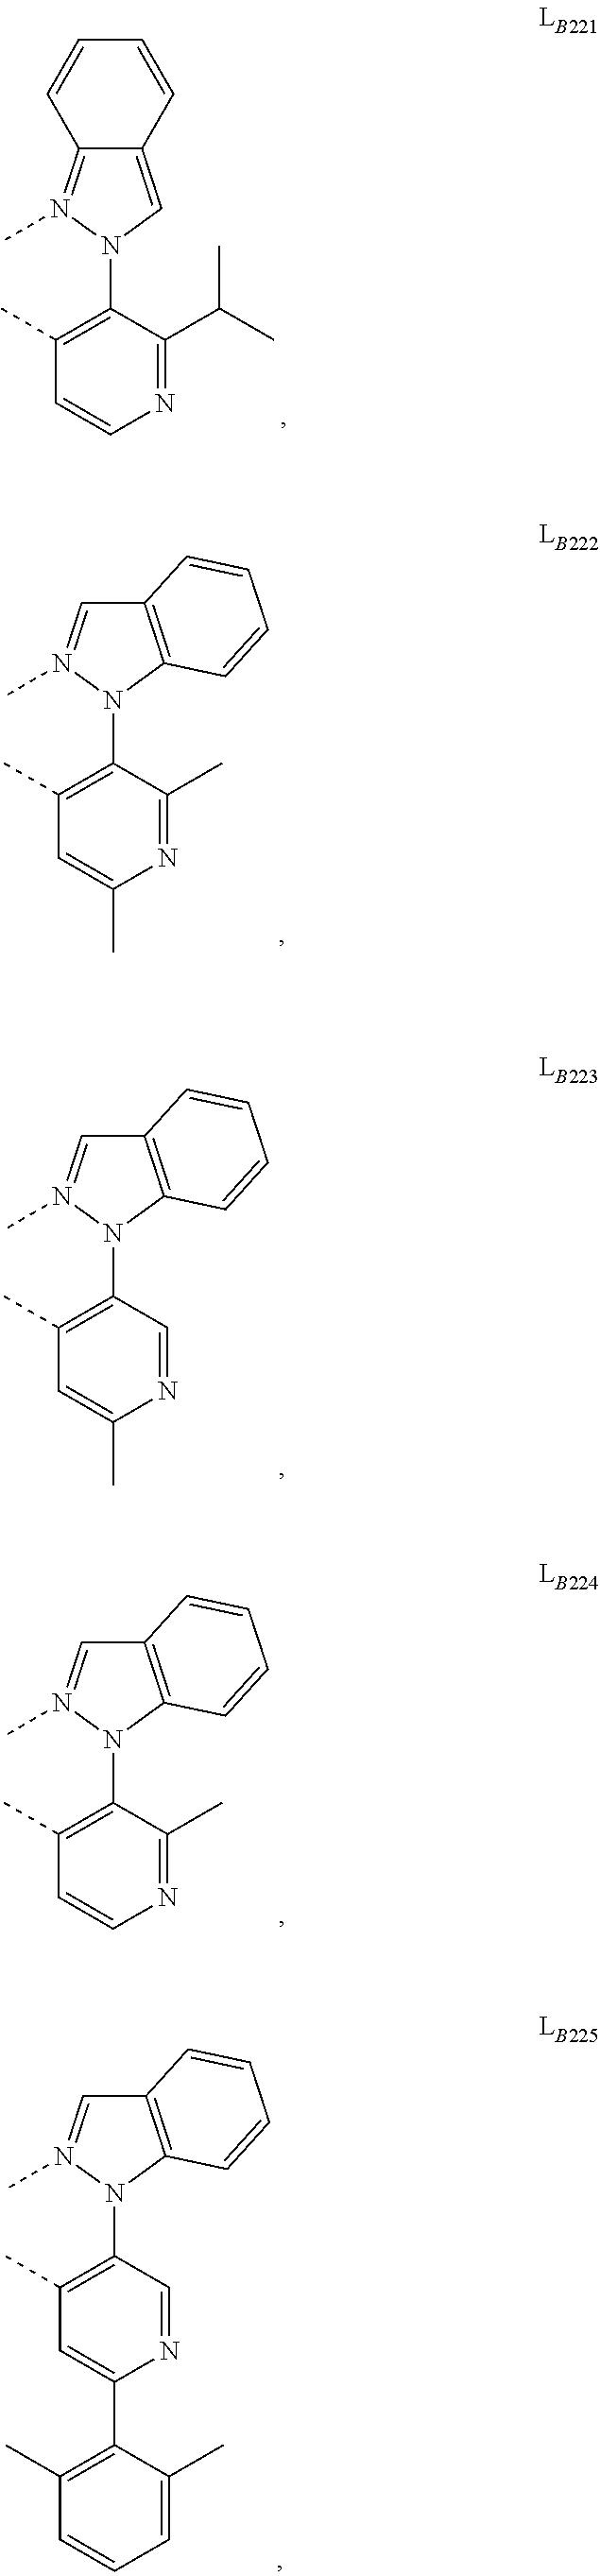 Figure US09905785-20180227-C00607